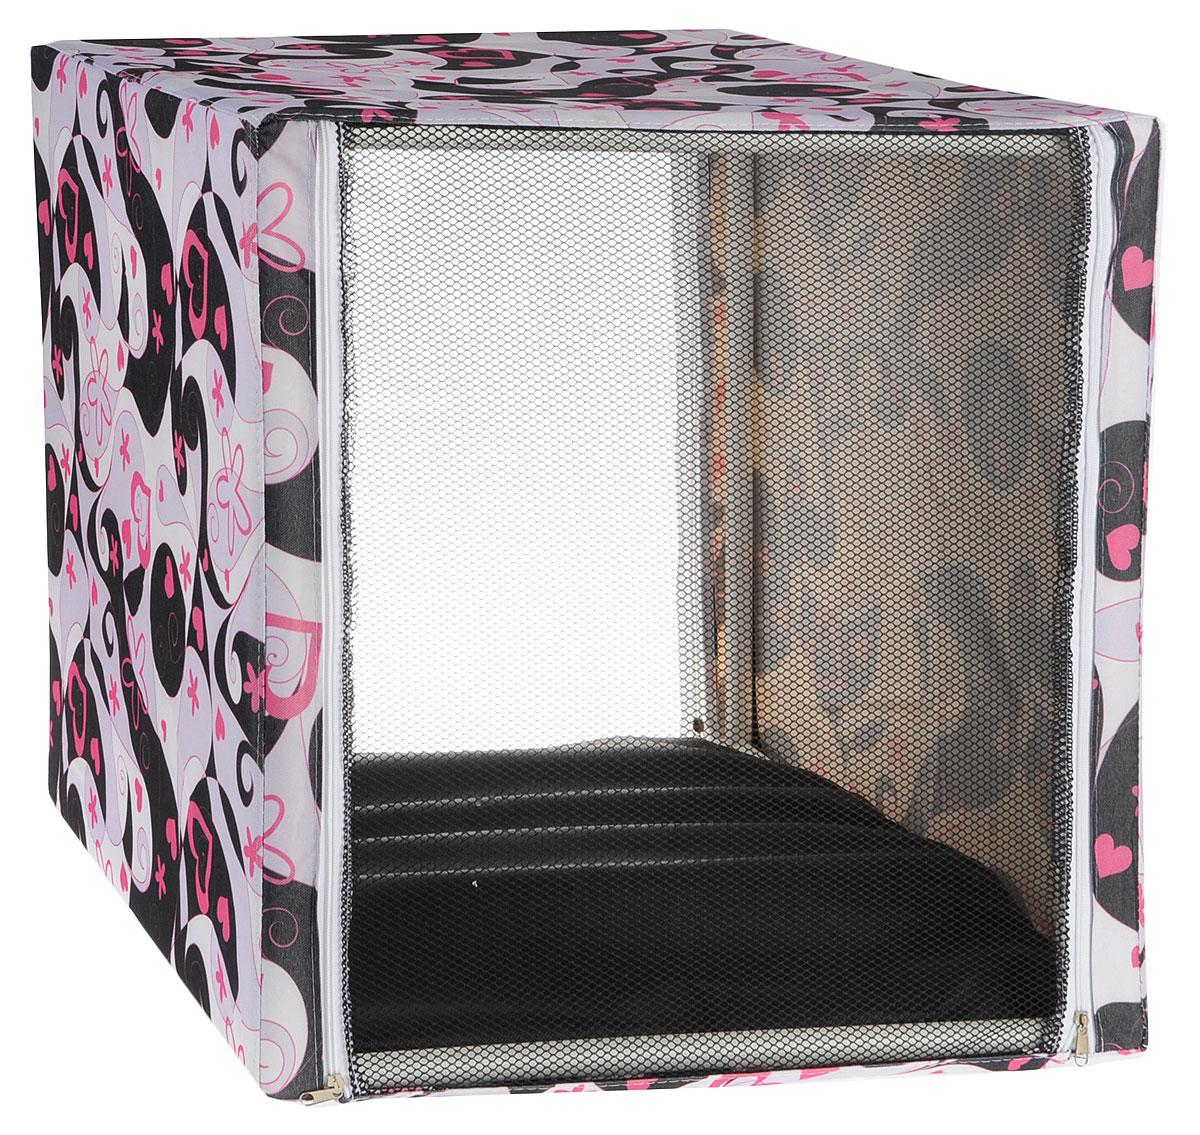 Клетка выставочная Заря-плюс  Сердца , цвет: белый, черный, розовый, 56 х 56 х 56 см - Клетки, вольеры, будки